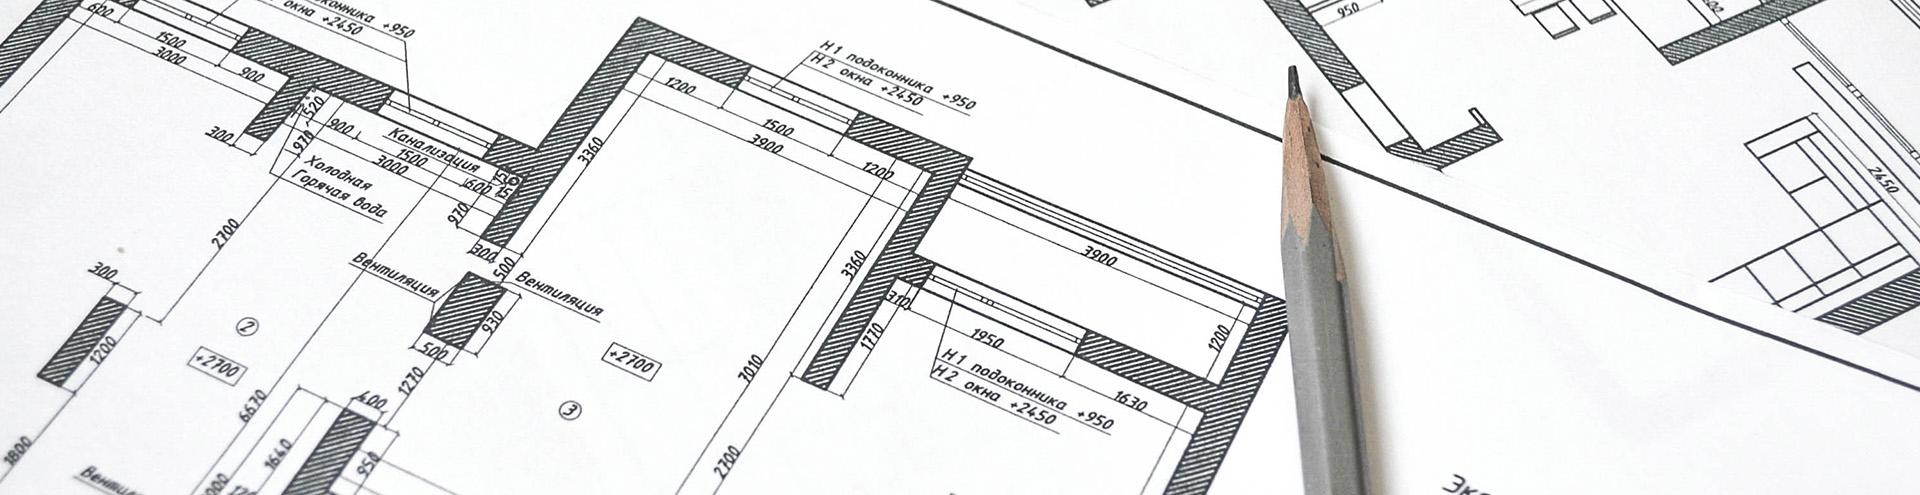 согласование перепланировки нежилого помещения в Саратове